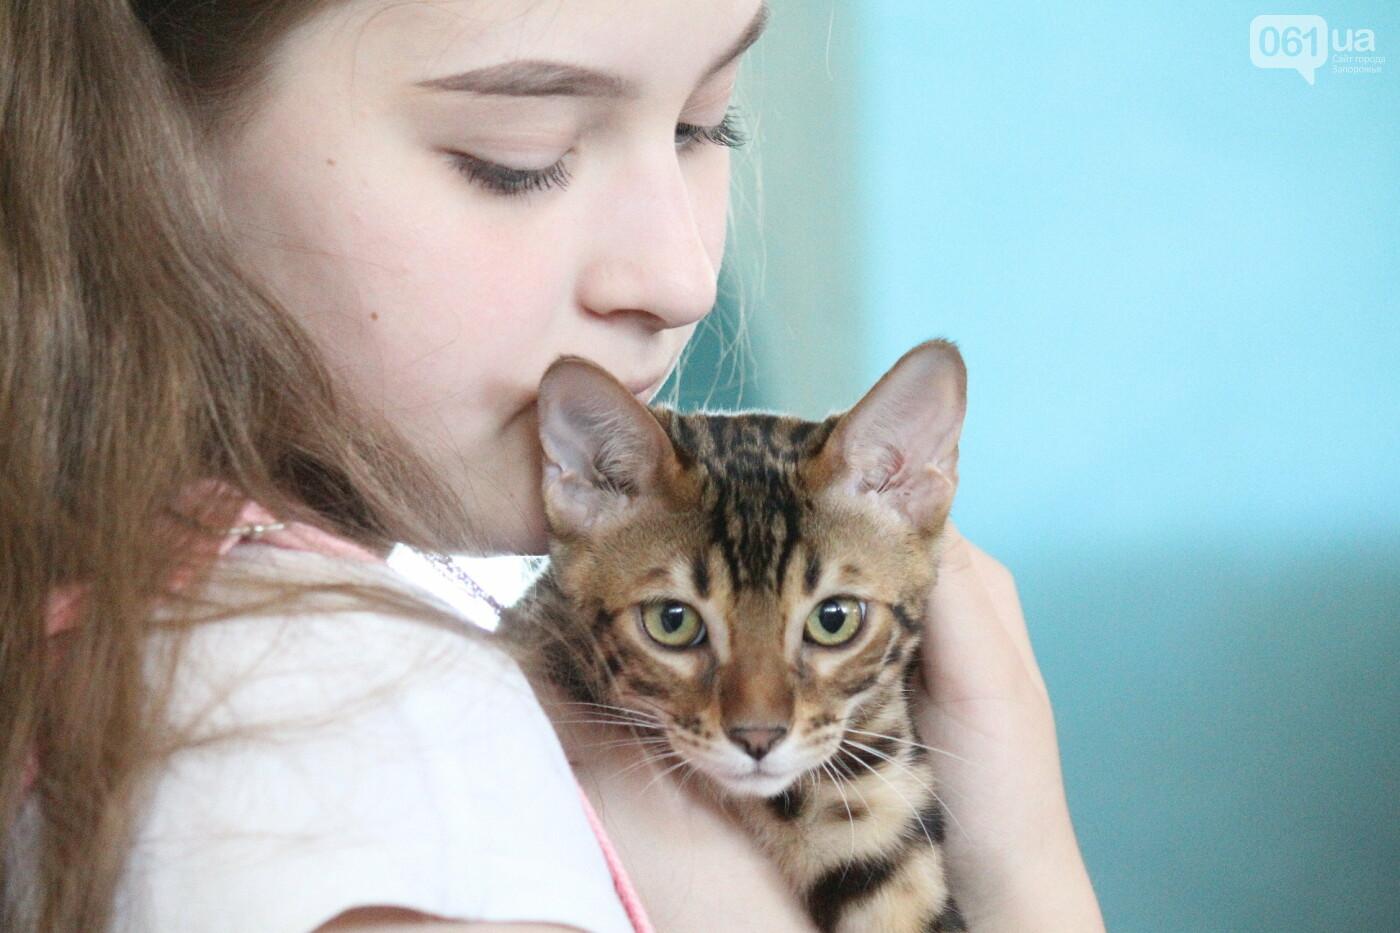 В Запорожье на выставке кошек показали 130 питомцев со всей Украины, – ФОТОРЕПОРТАЖ, фото-14